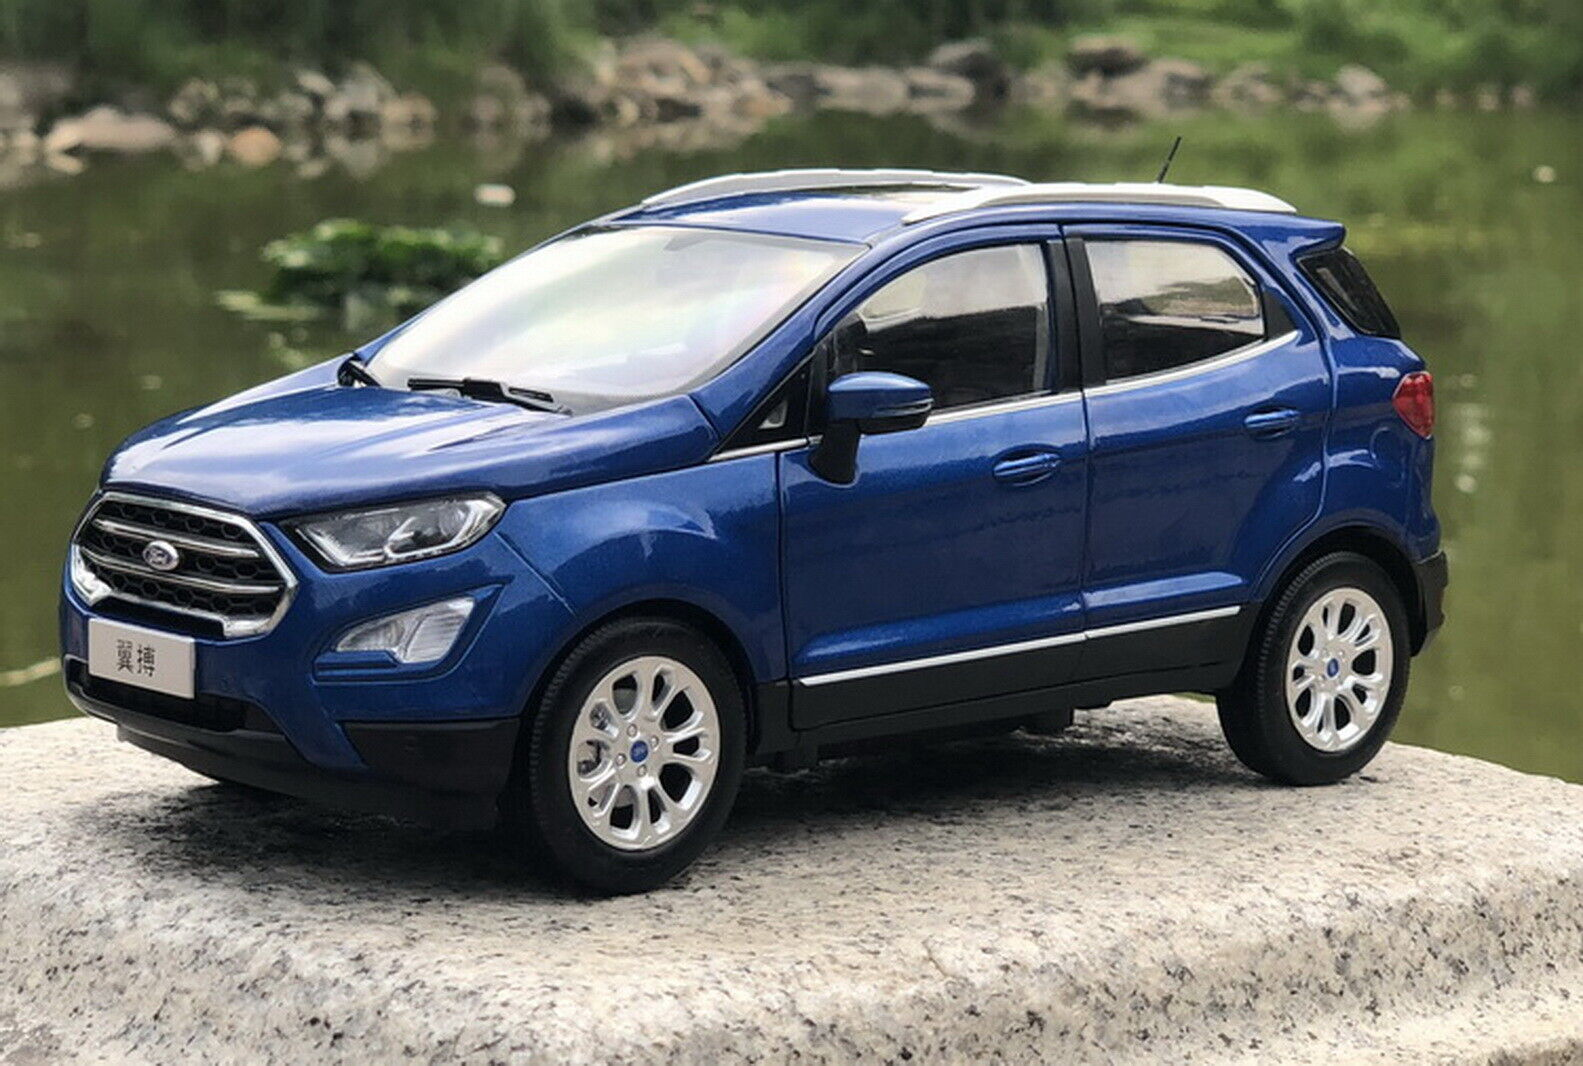 Échelle 1 18 FORD ECOSPORT véhicule utilitaire sport bleu Diecast  voiture Model Toy collection  Commandez maintenant